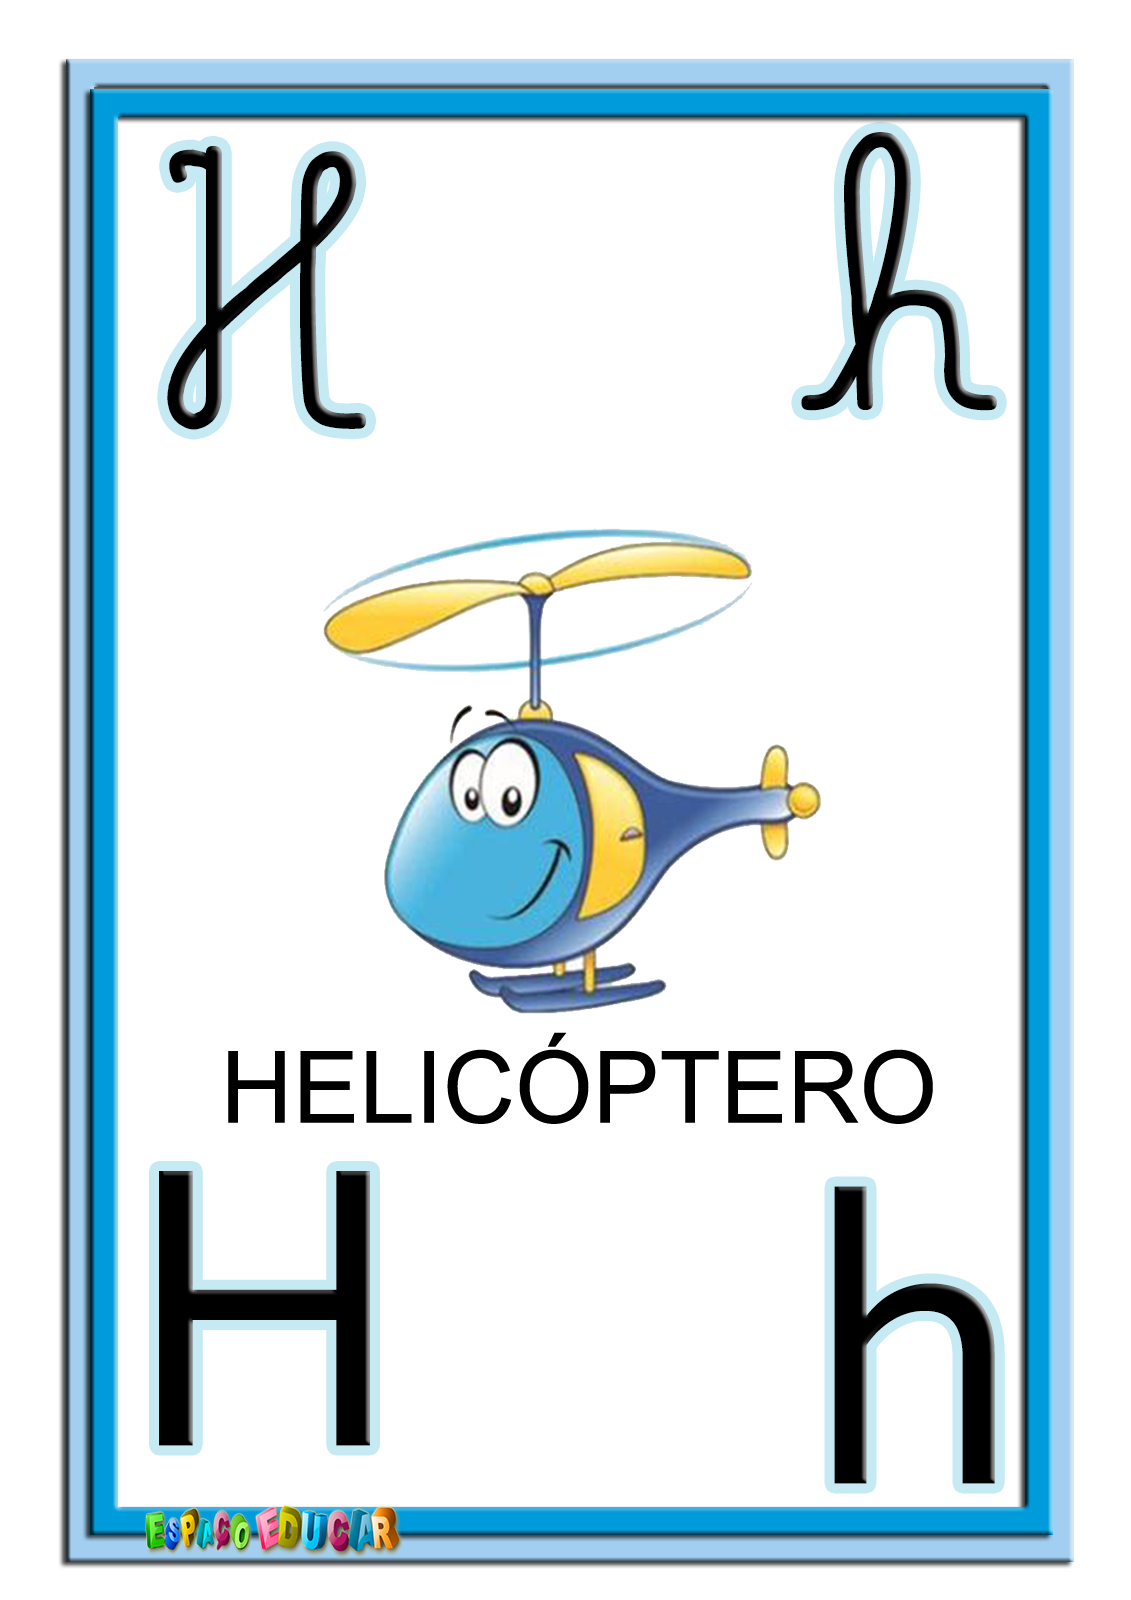 Alfabeto Colorido Quatro Tipos Letras Www Espacoeducar 289 29 Png  -> Desenhos Para Alfabeto Ilustrado